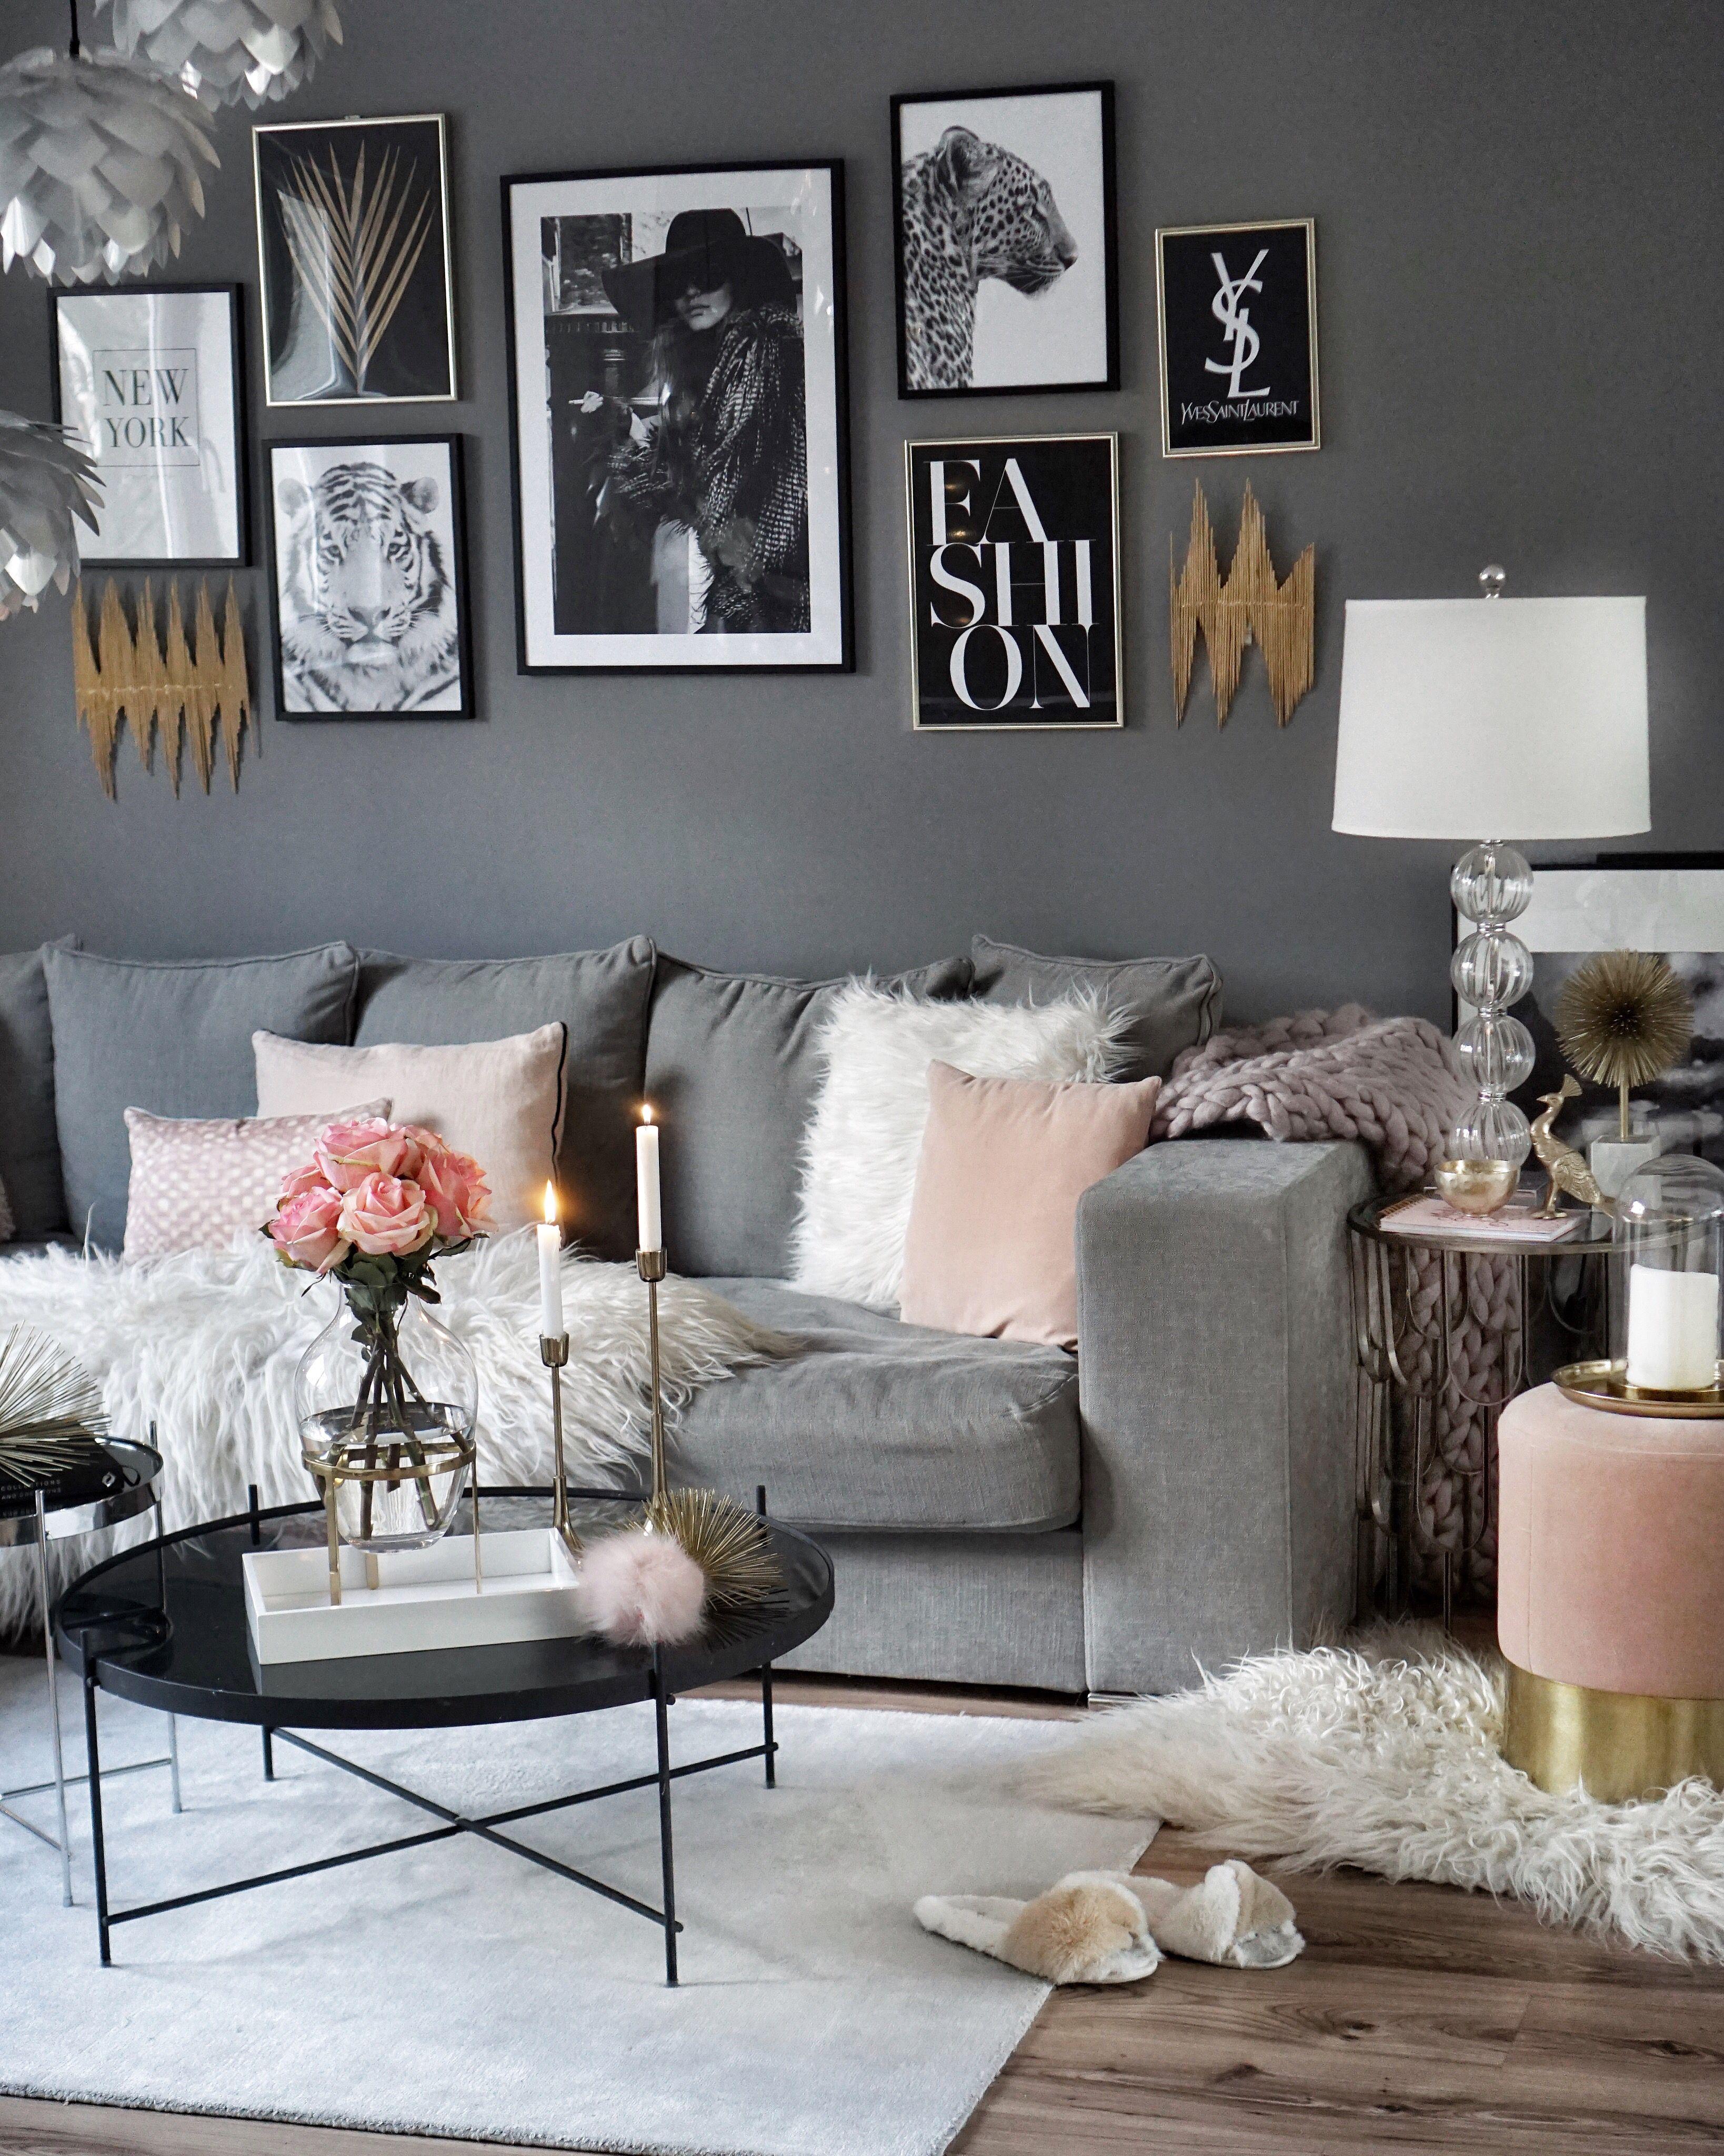 Wohnzimmer Wohnung Einrichtung Einrichtungsideen Einfach